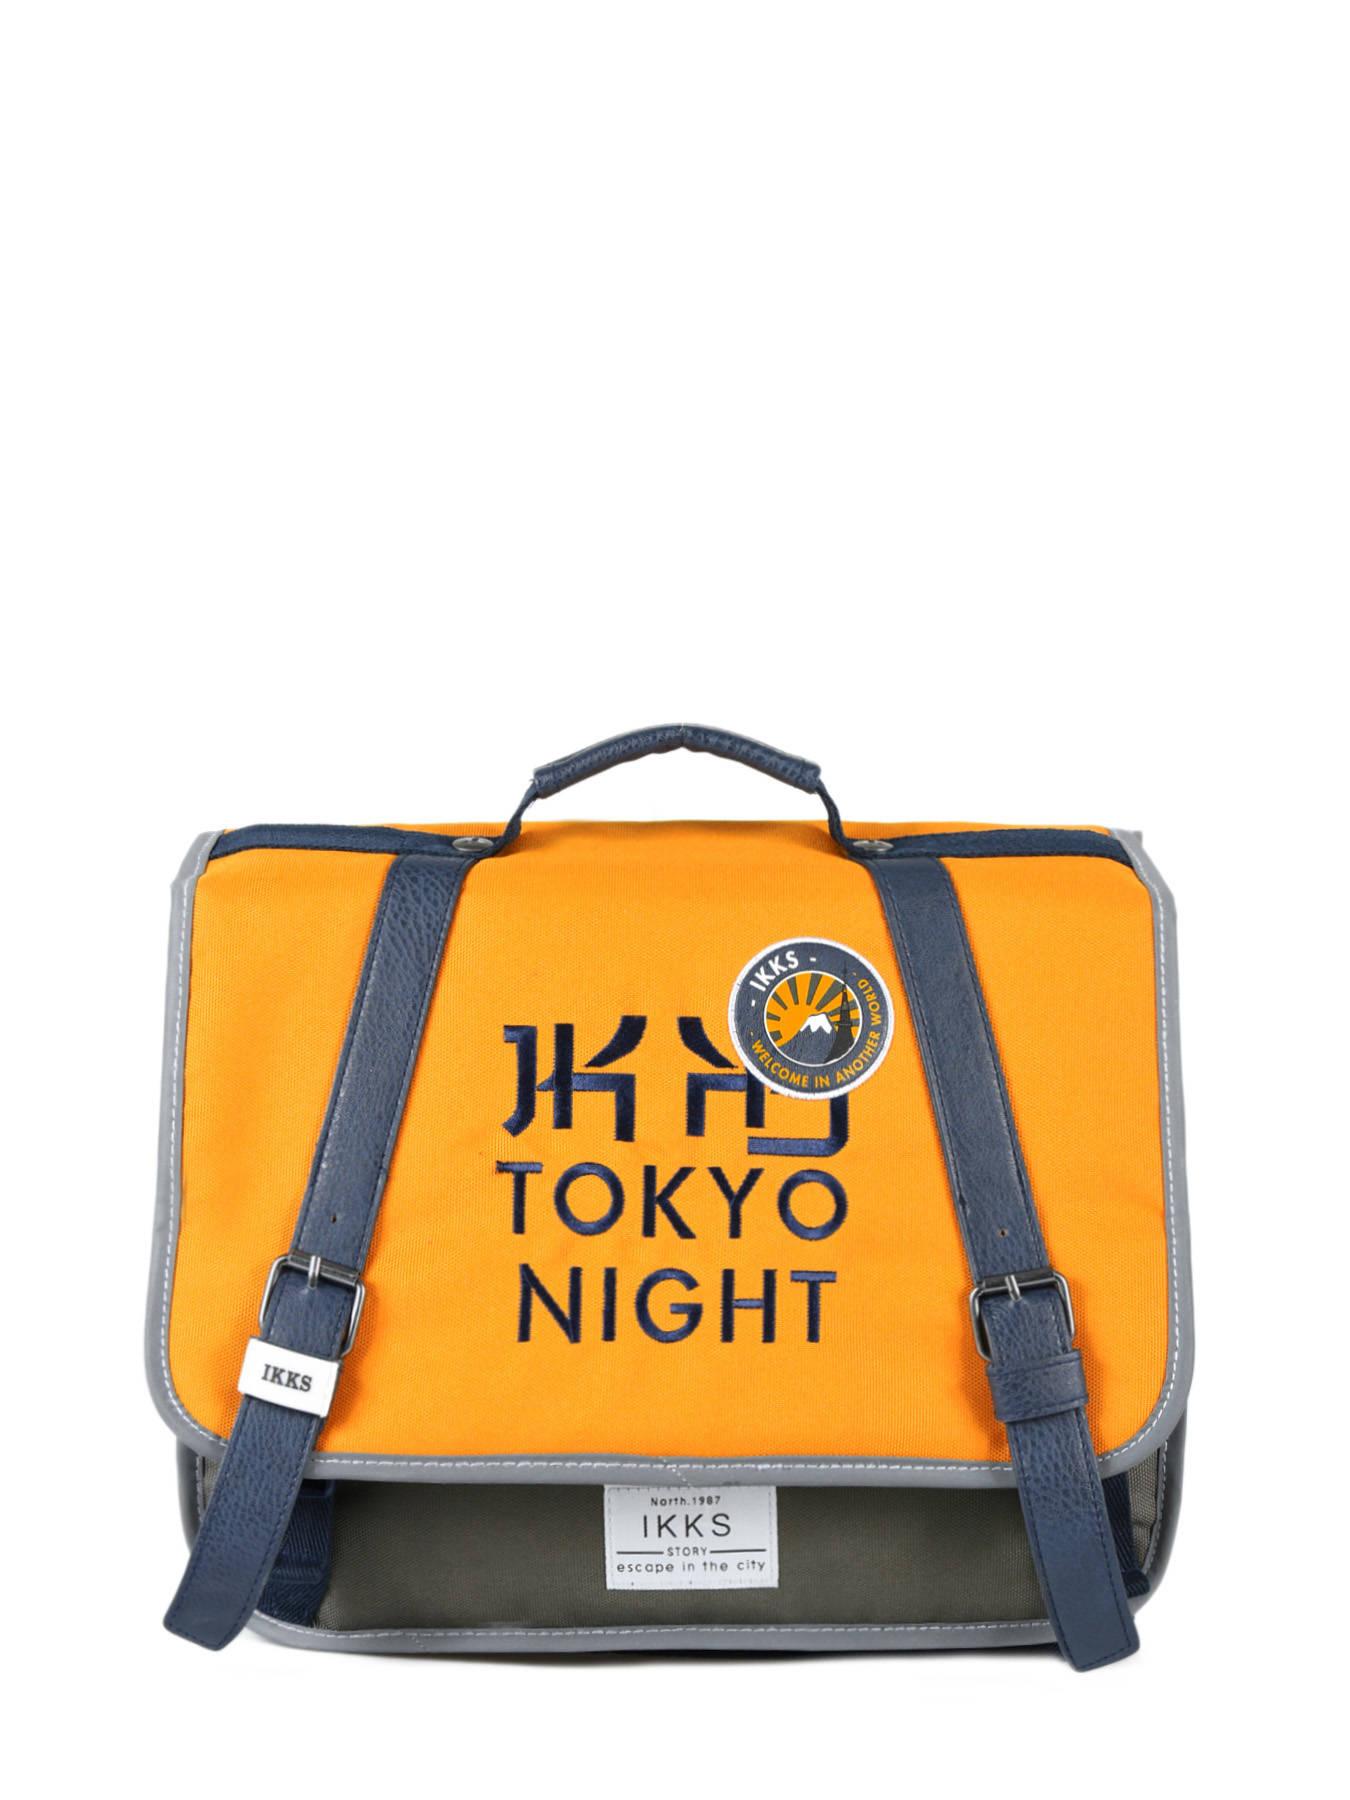 667e28d5aa9 Boekentas 1 Compartiment Ikks Geel backpacker in tokyo 18-35836 ...